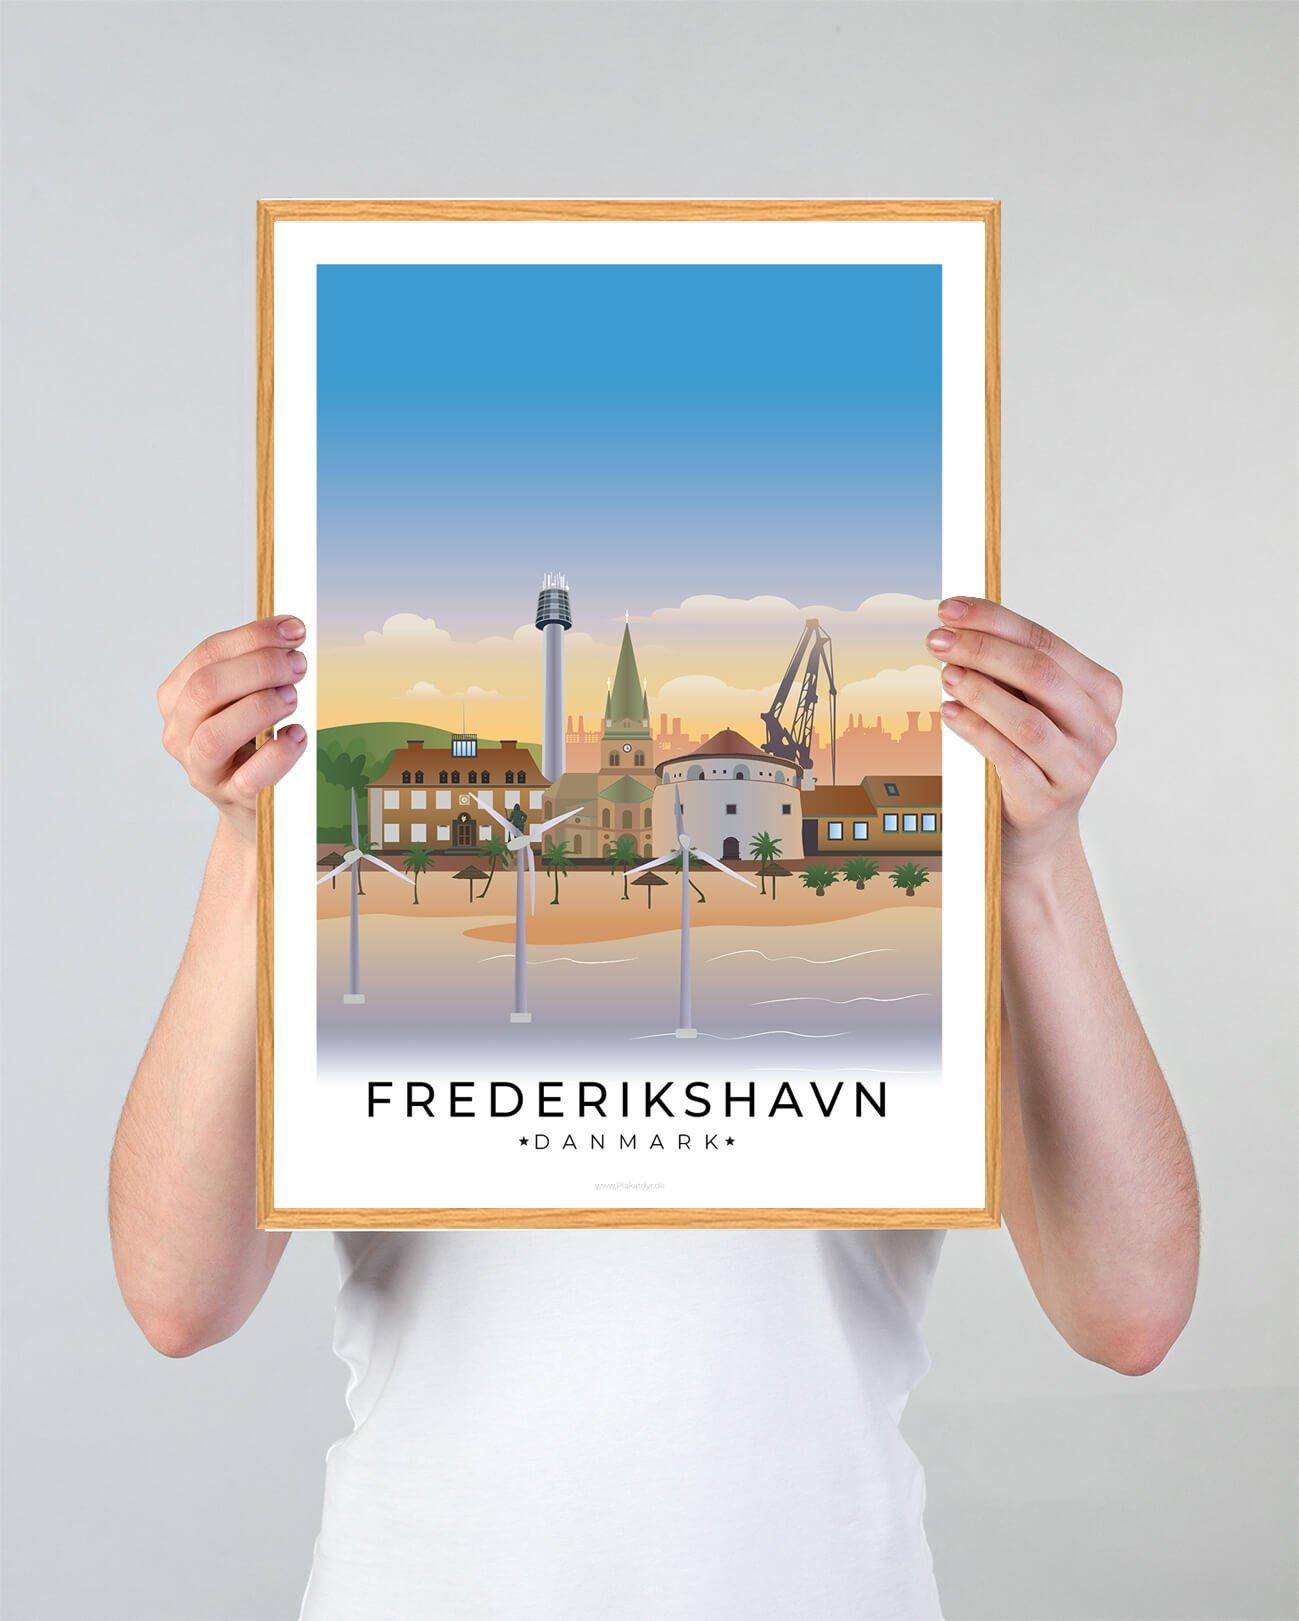 Frederikshavn-plakat-boligen-4